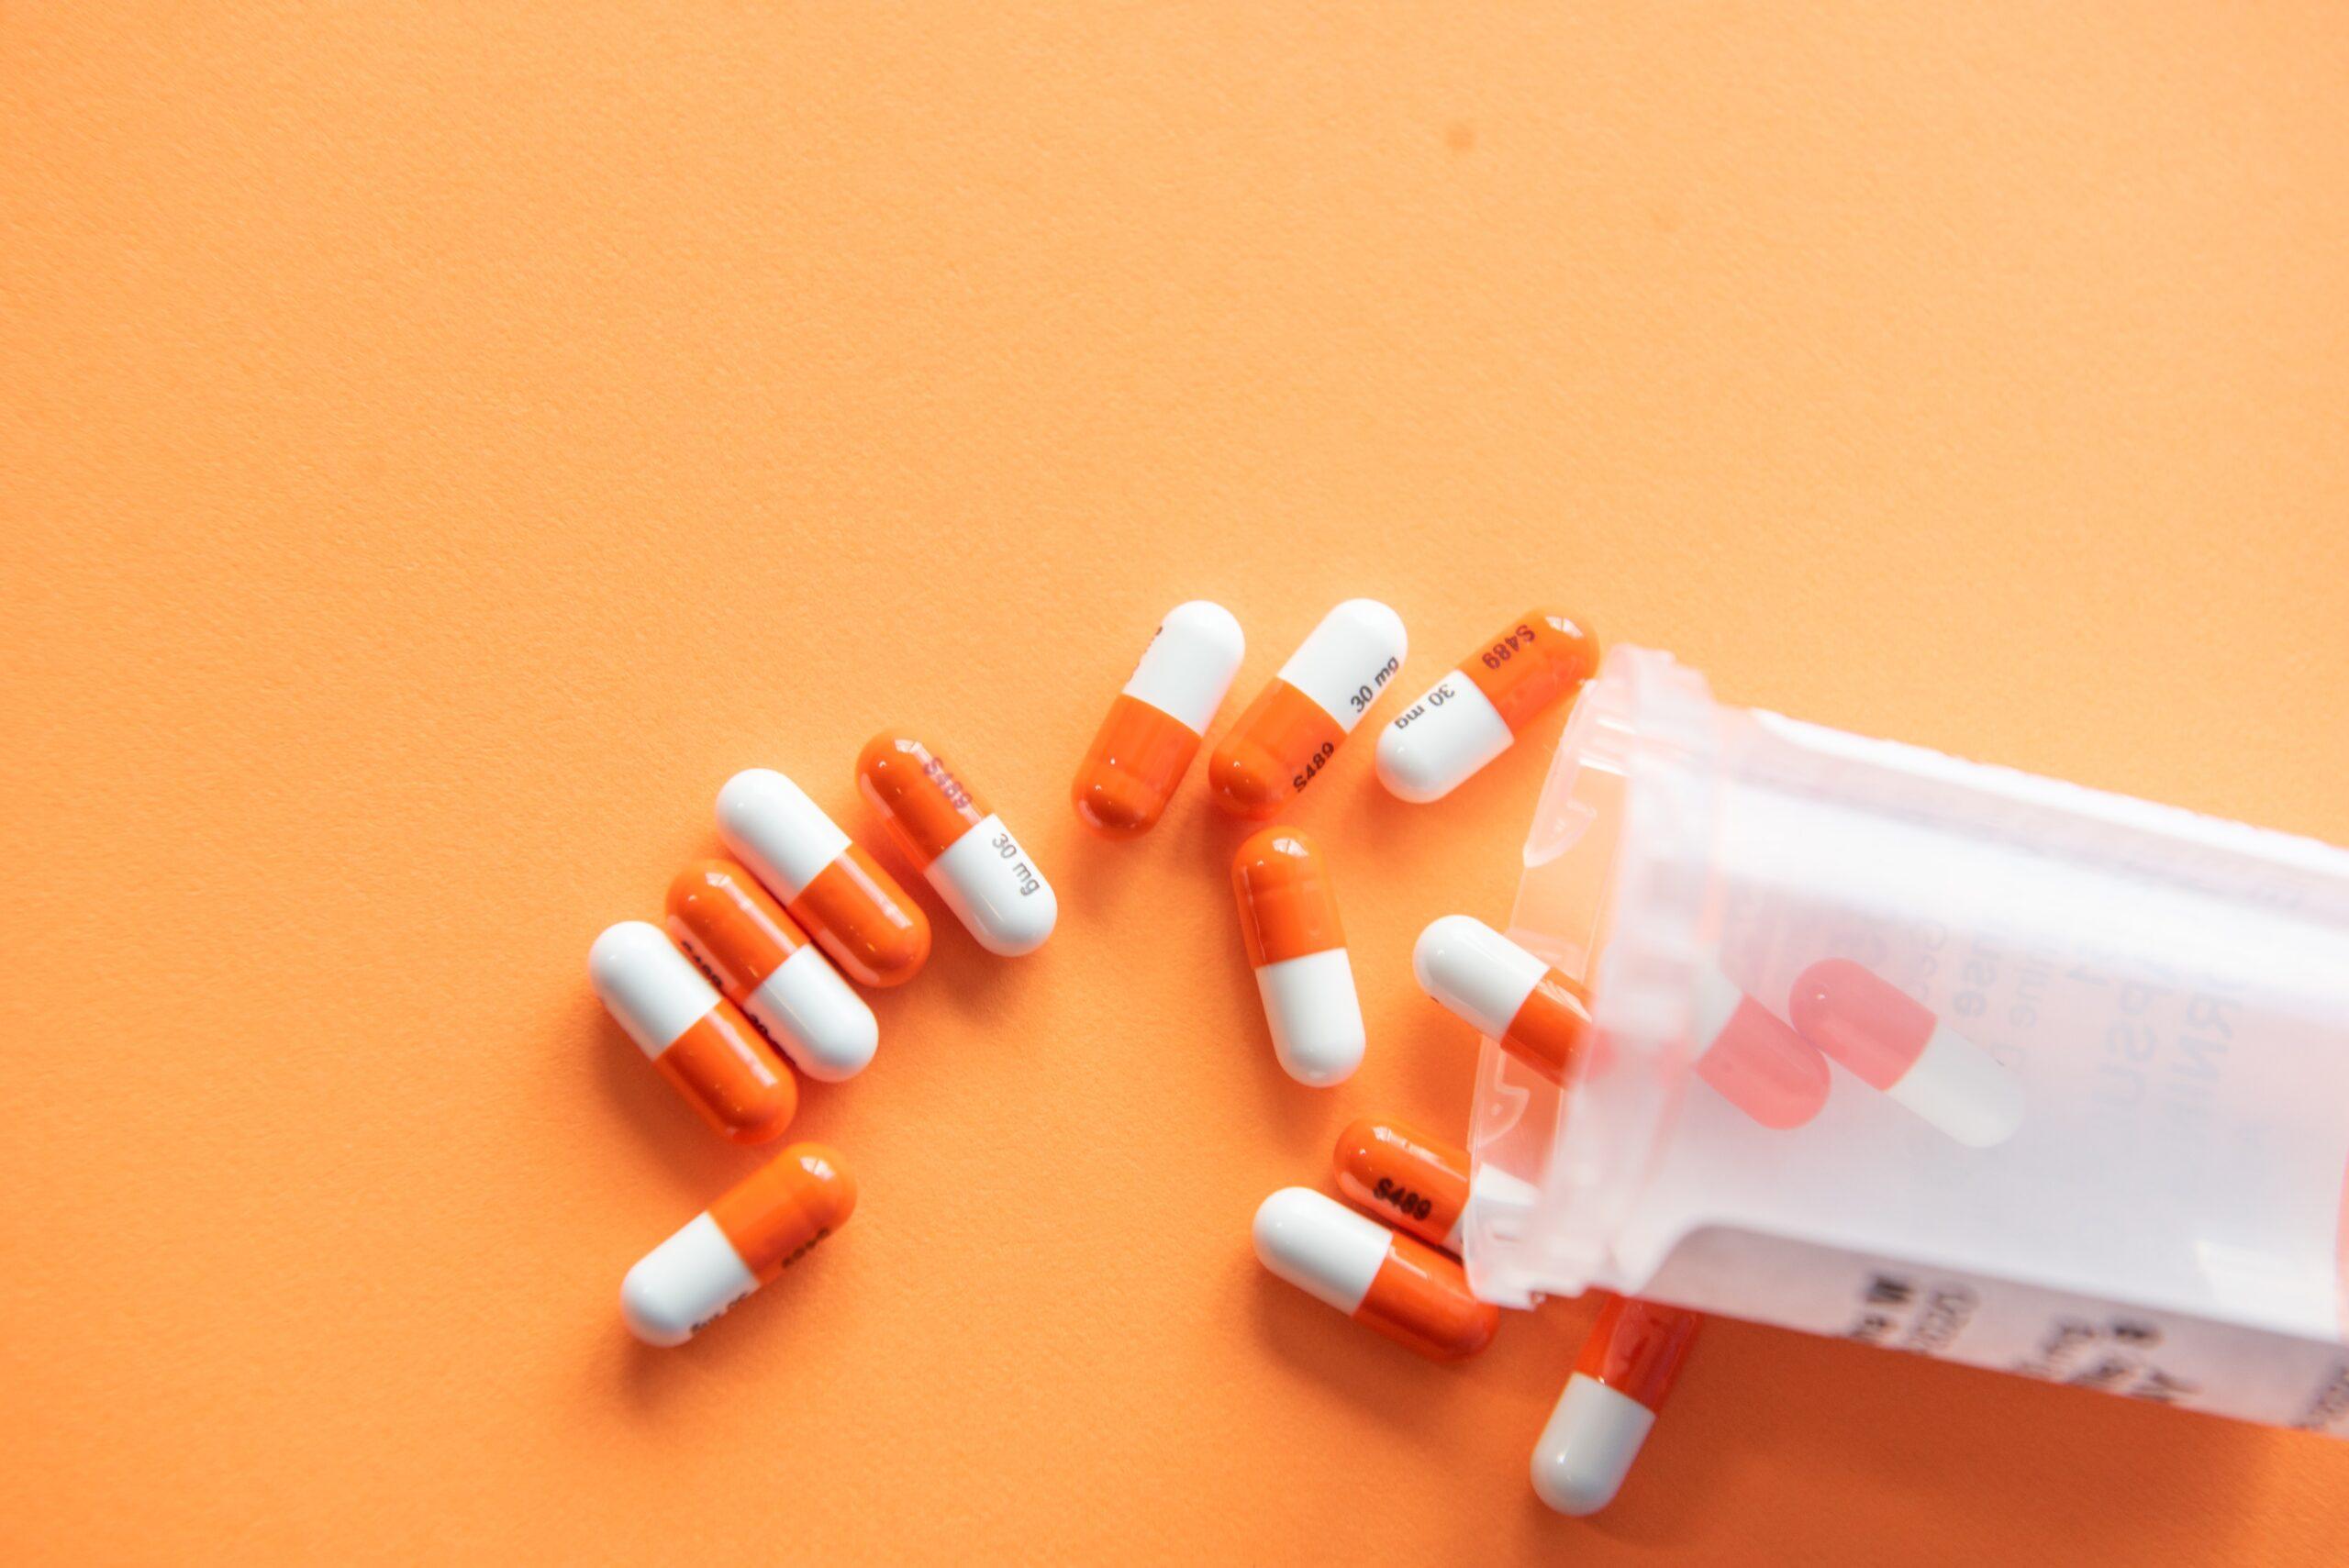 PZPPF o marcowej liście leków refundowanych